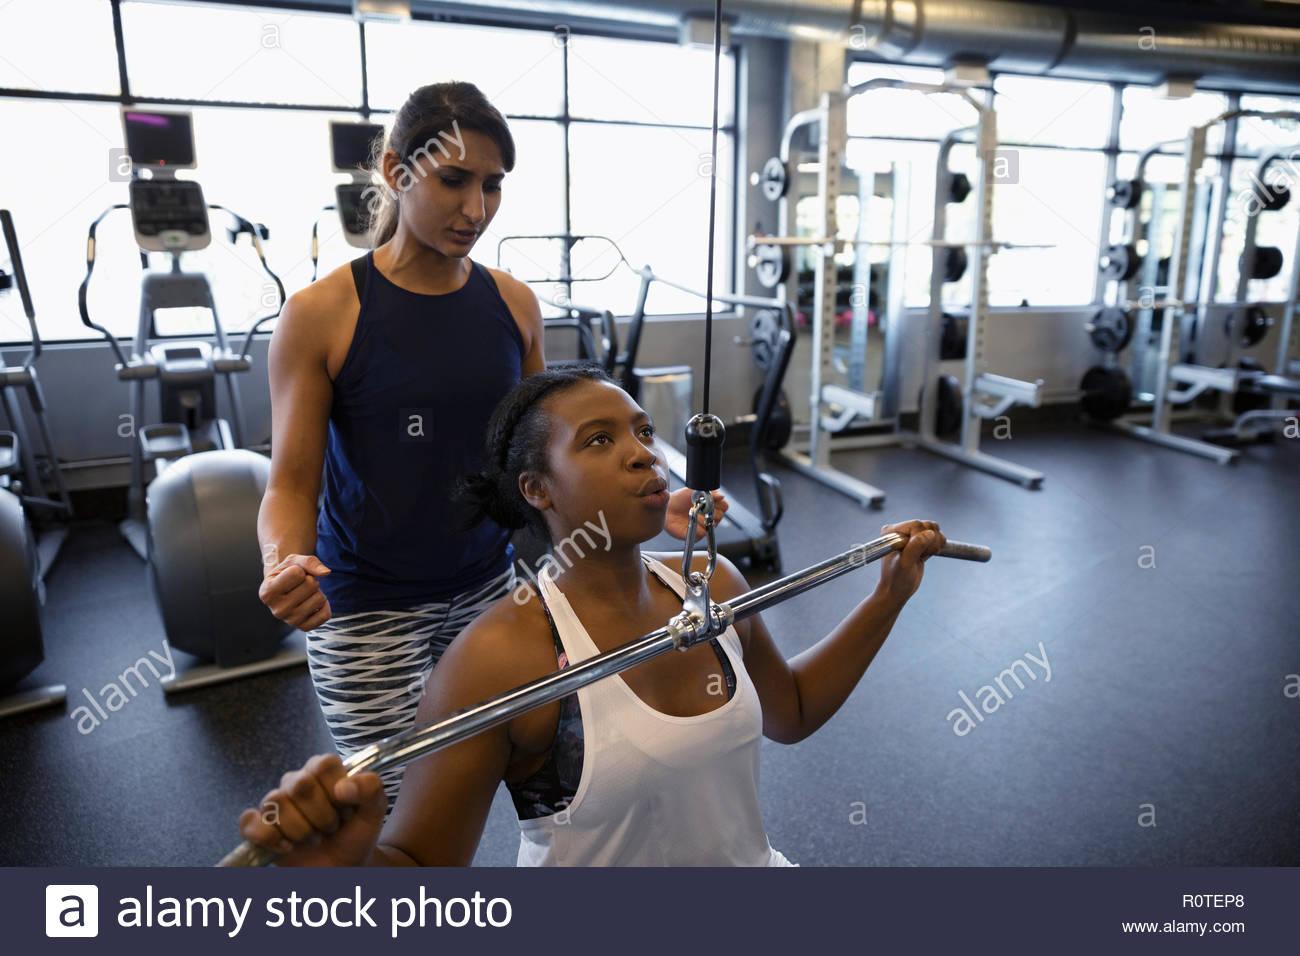 Entrenador personal ayudando a la mujer utilizando equipo de ejercicio en el gimnasio Imagen De Stock